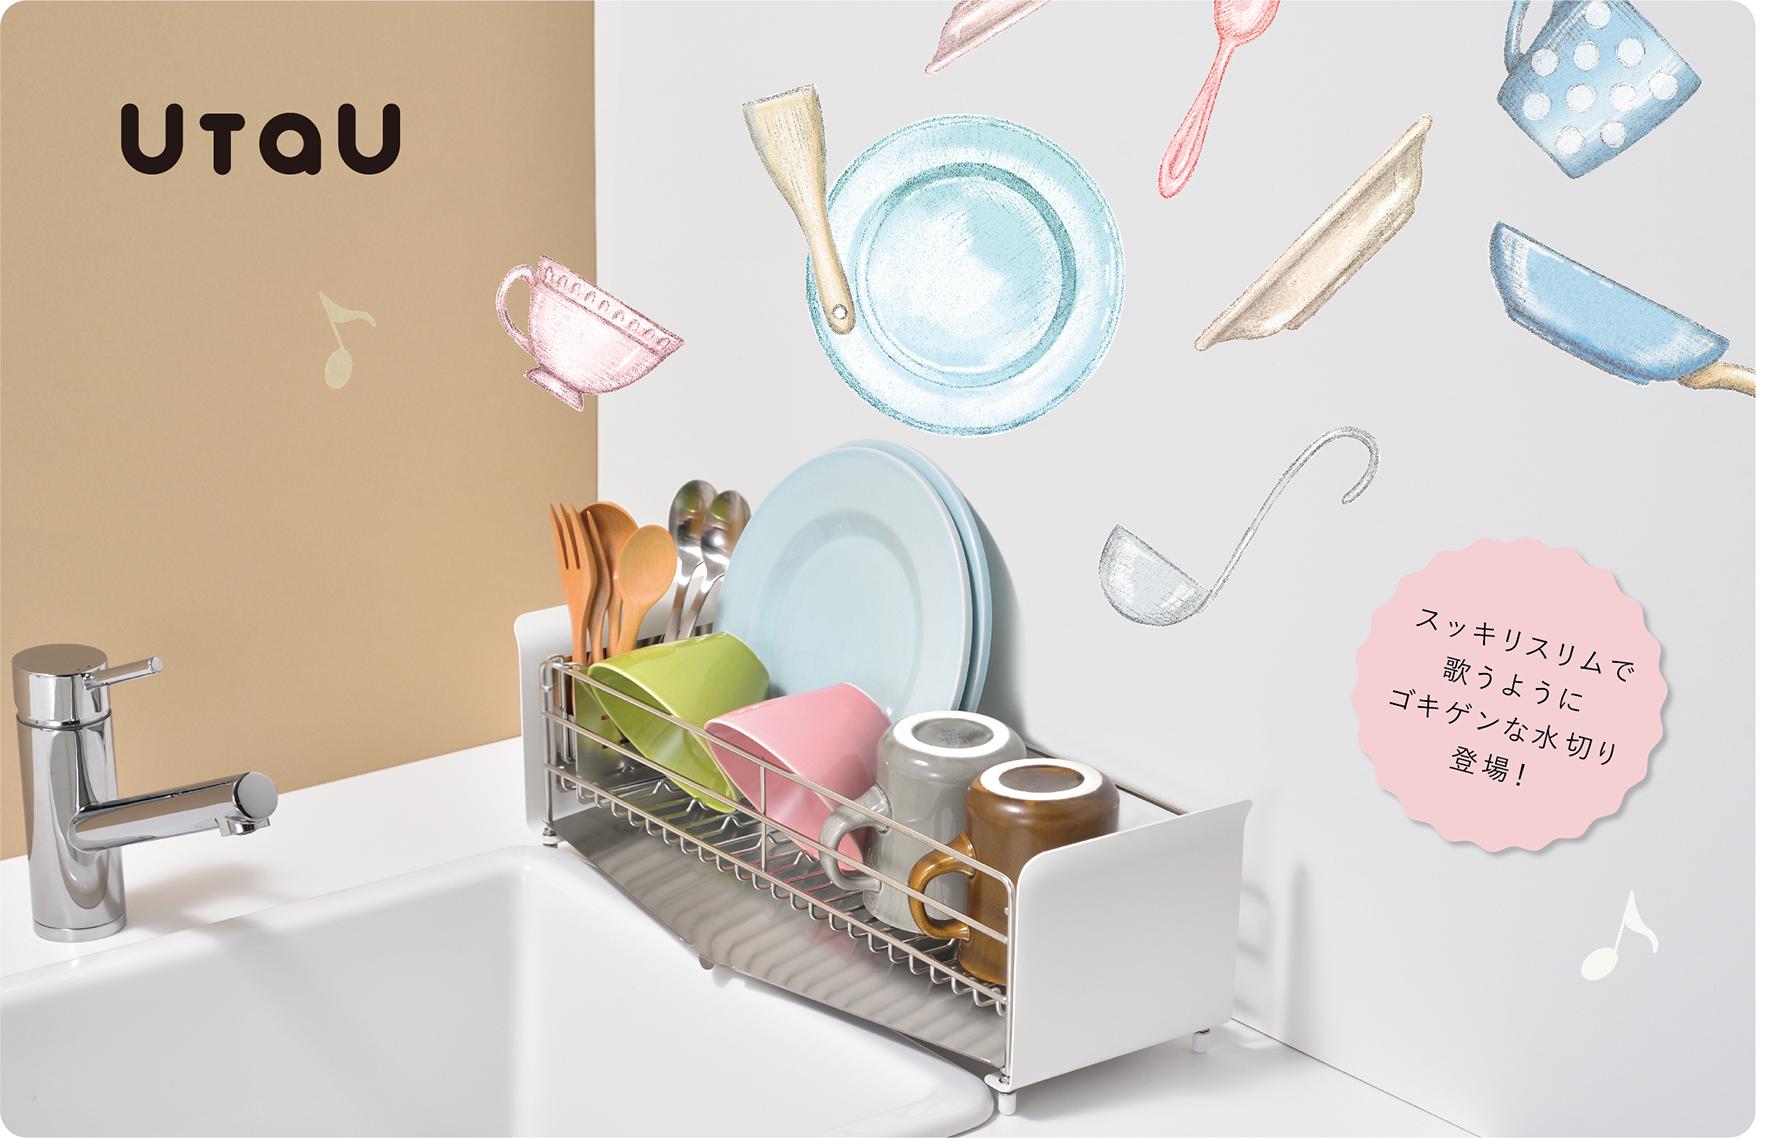 《Twitter フォロー&RTで応募》新キッチンツールブランド『UtaU』の「水切りかご」を3名様に♡__1